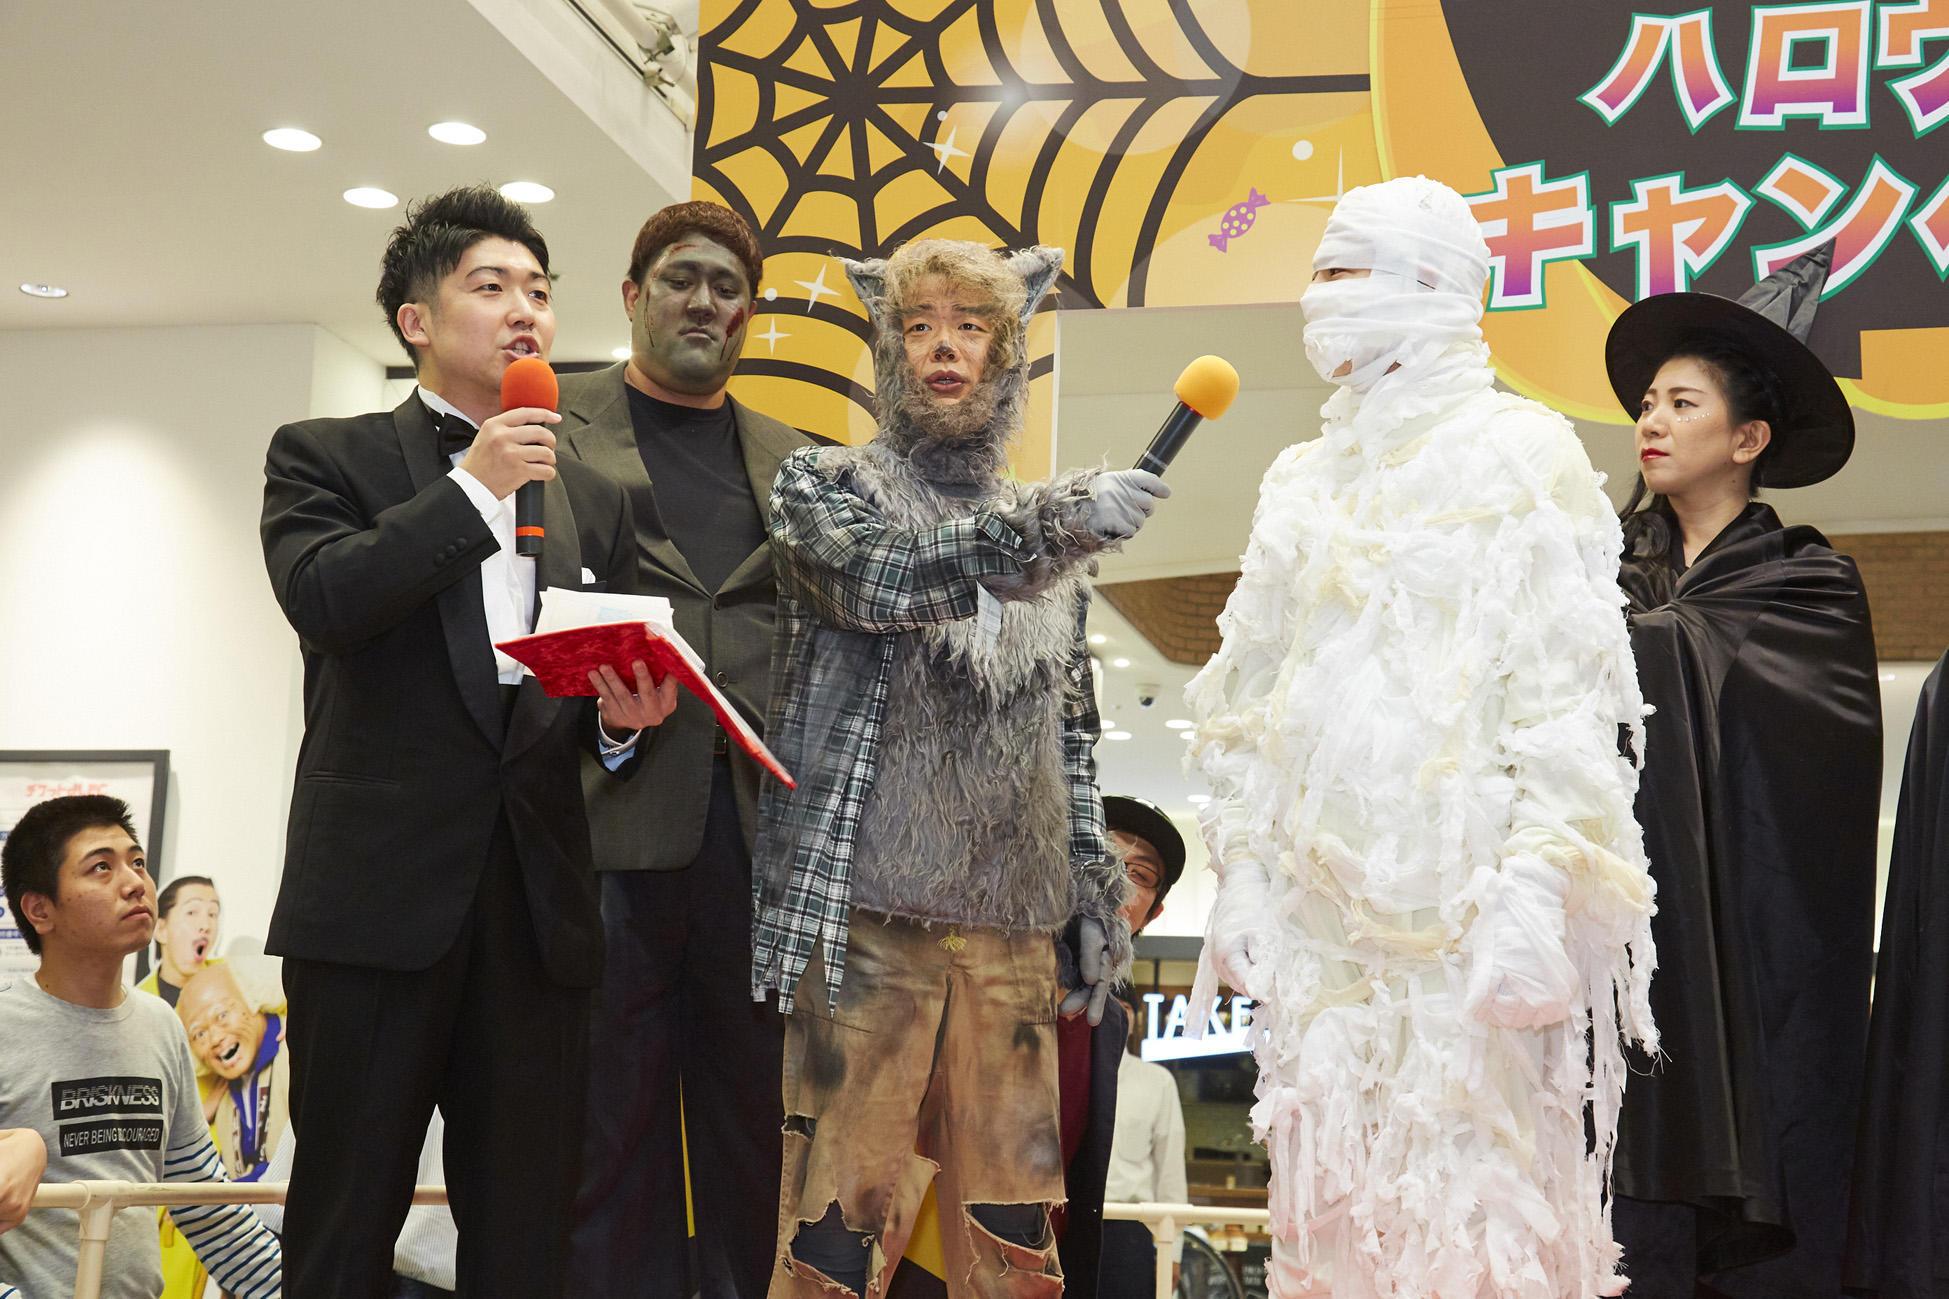 http://news.yoshimoto.co.jp/20180921222302-6d456e359d9d25a0cd1a088a249c41ca1a24fa2f.jpg